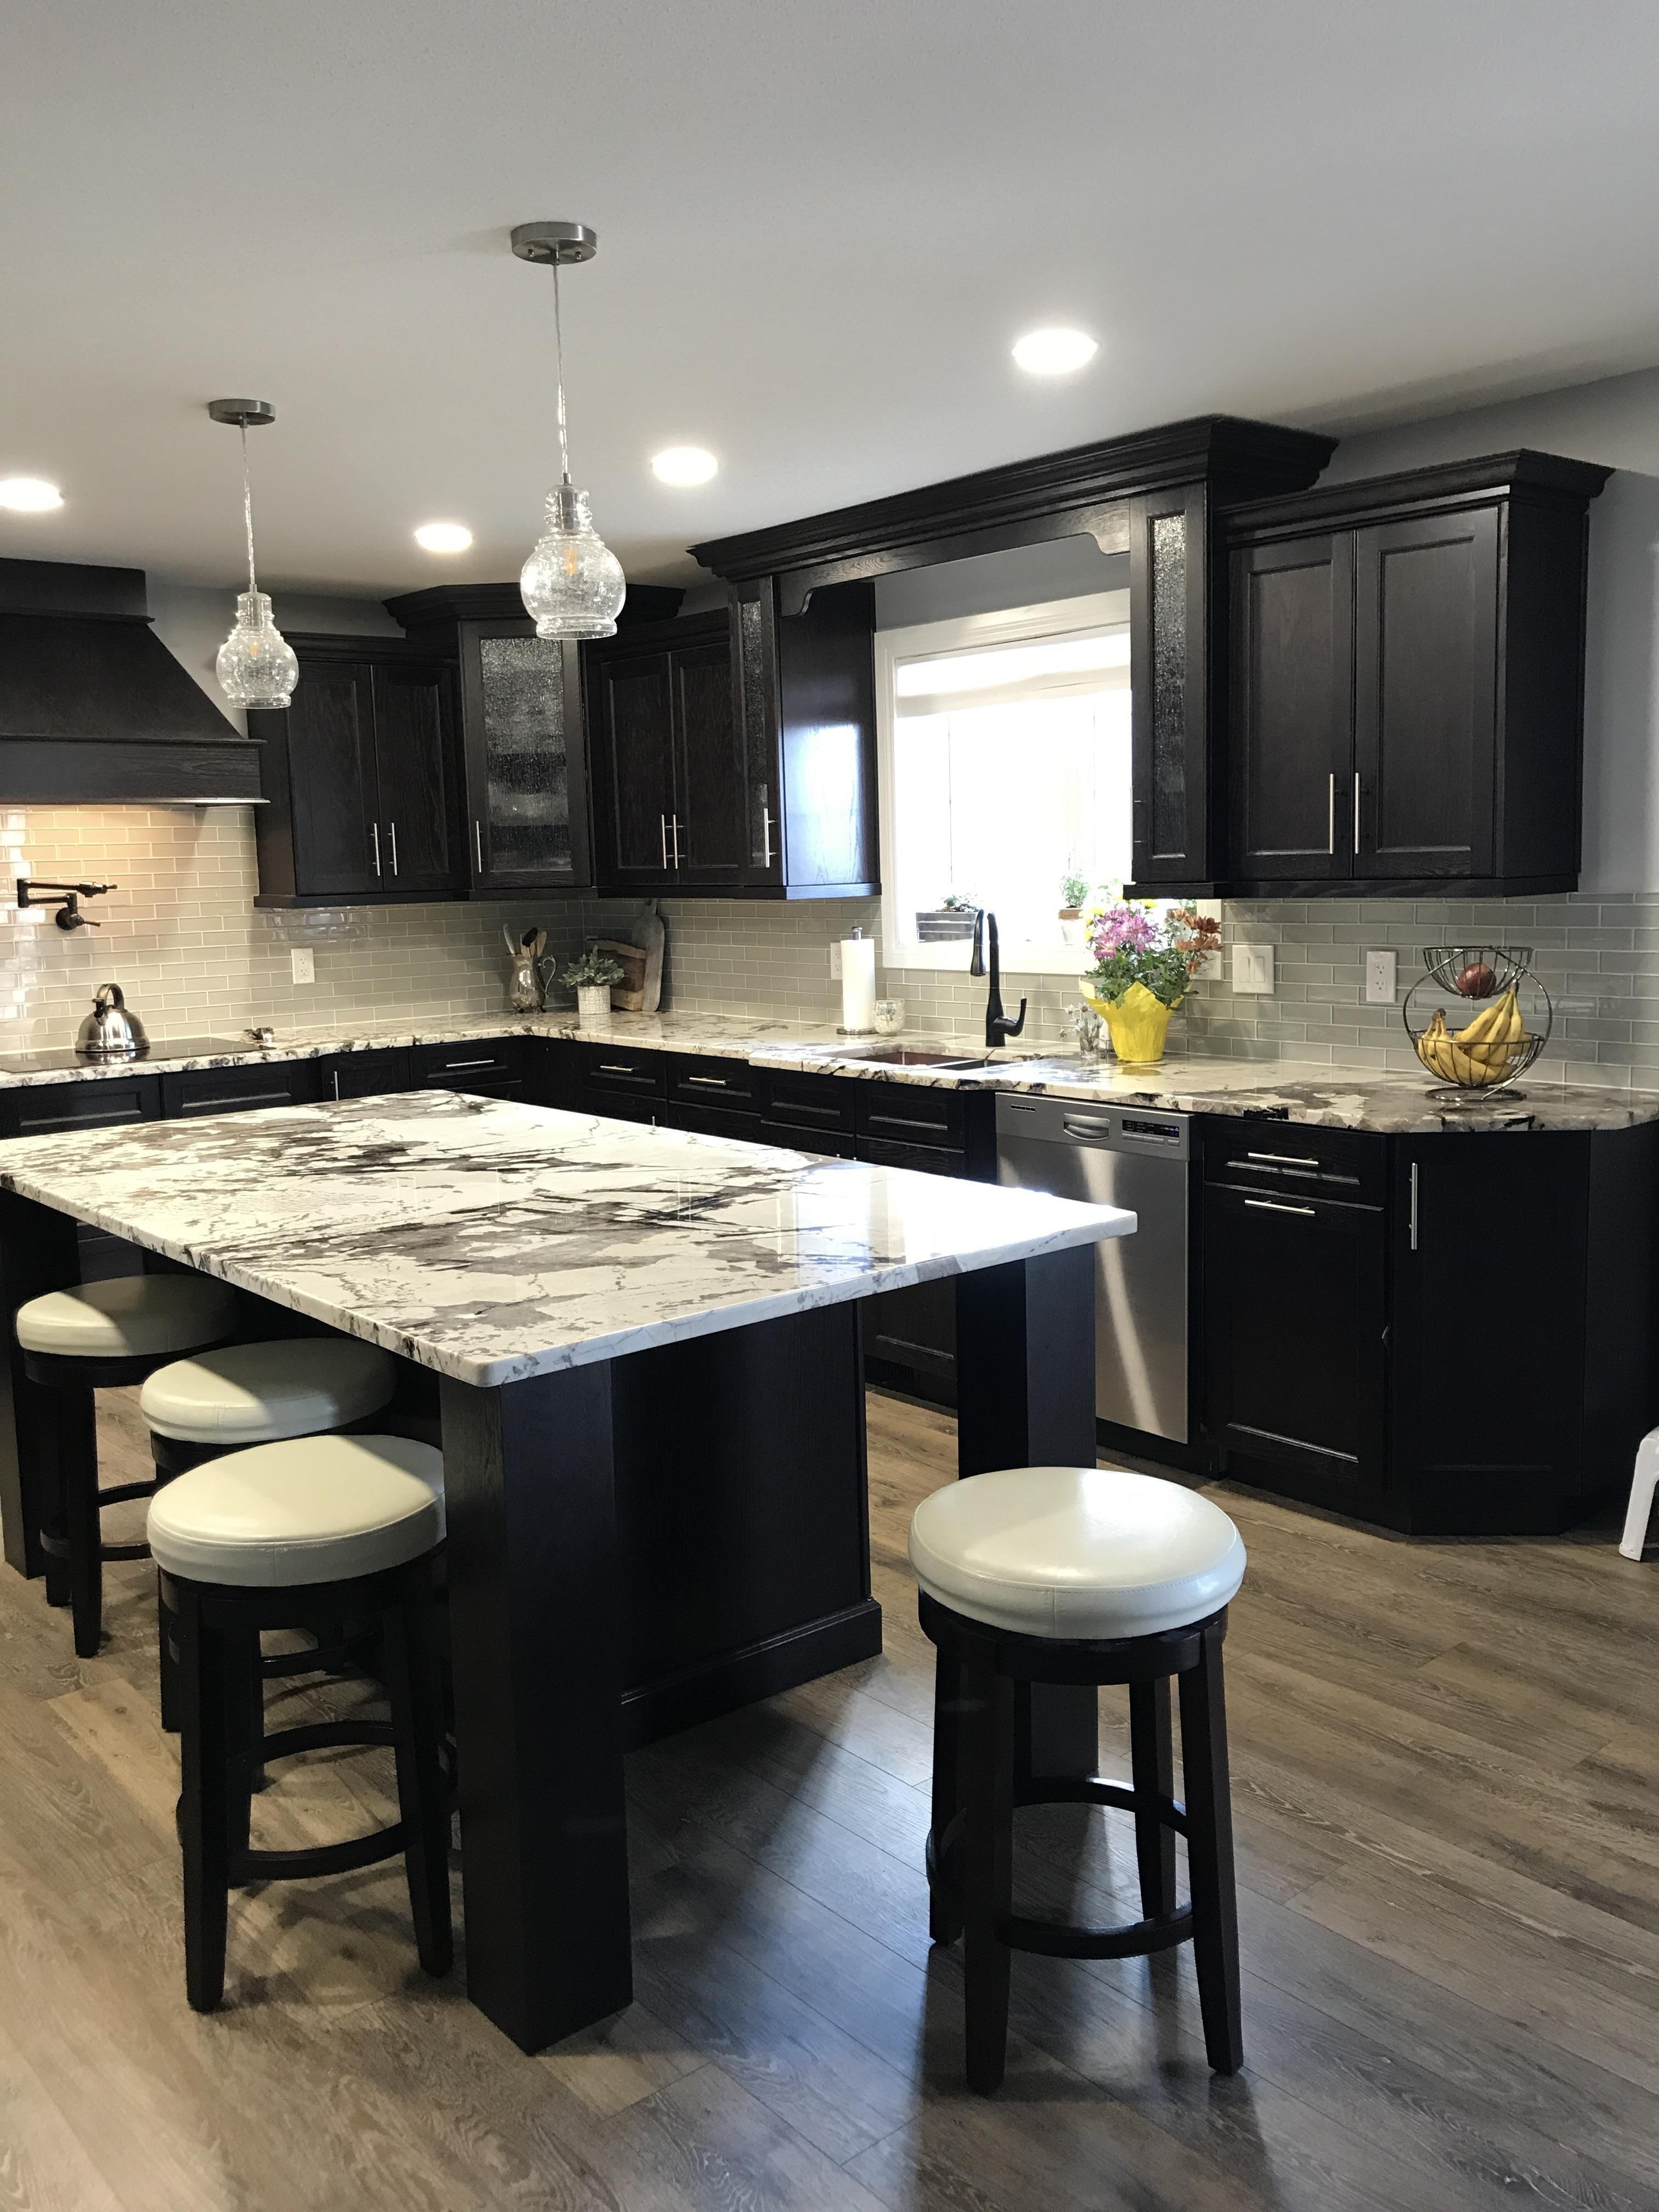 Dark Oak Kitchen In 2020 Kitchen Inspiration Design Kitchen Remodel Small Kitchen Design